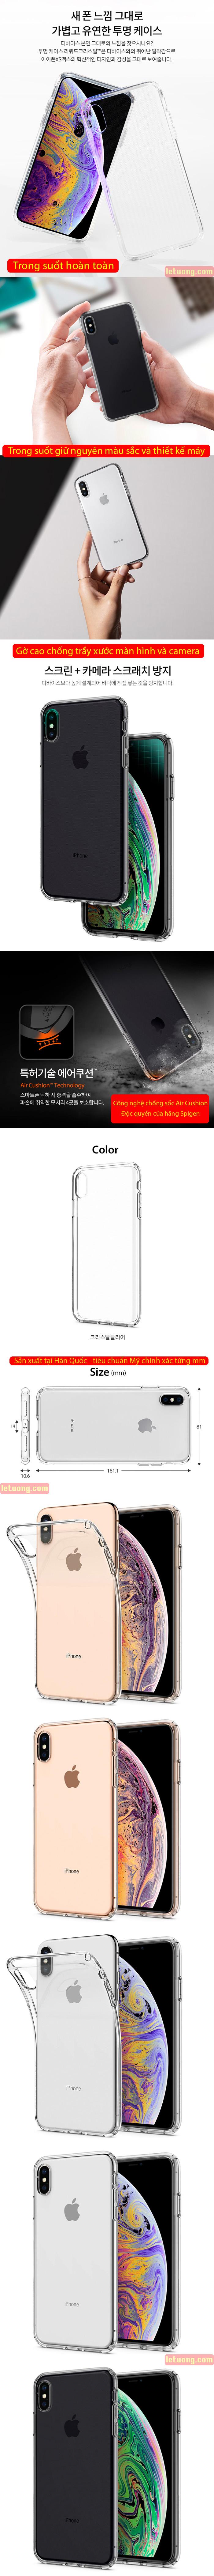 Ốp lưng iPhone Xs Max Spigen Liquid Crystal trong suốt ( Hàng USA ) 4